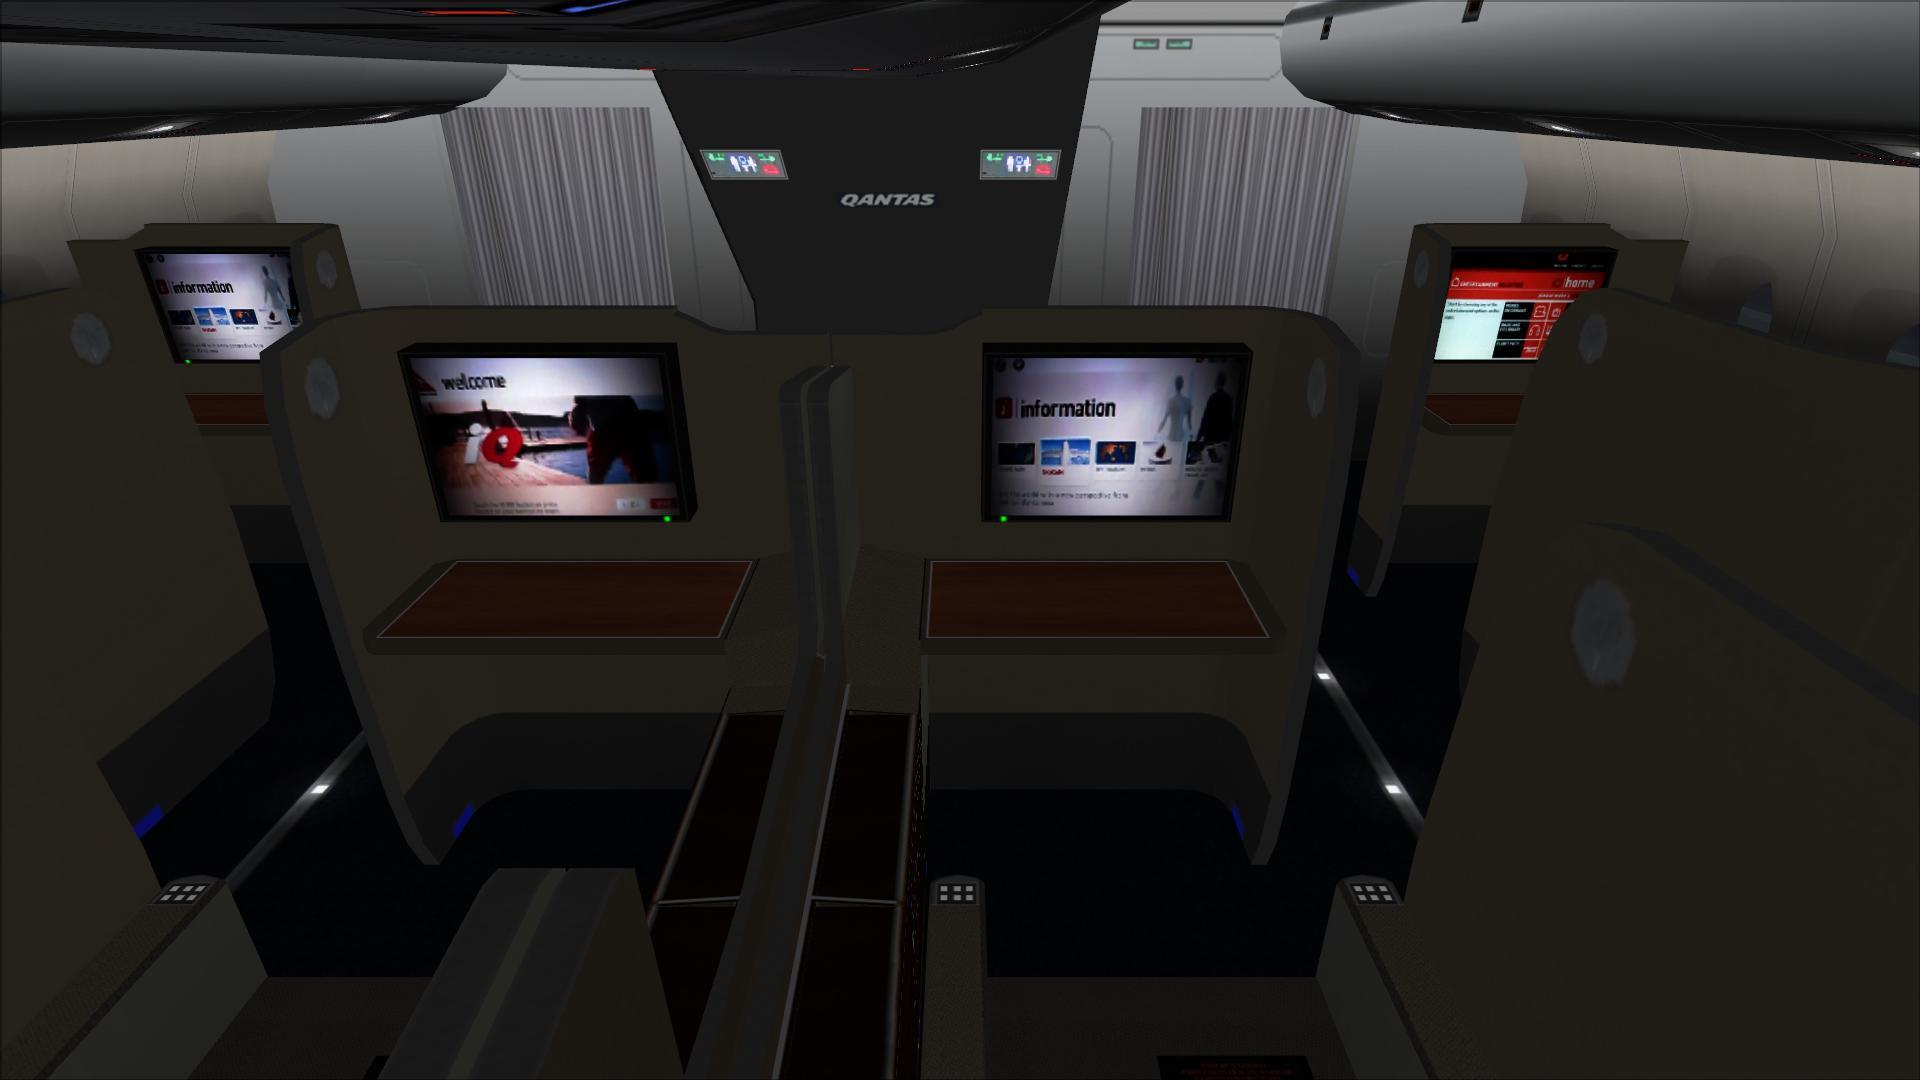 Qantas agọ 04